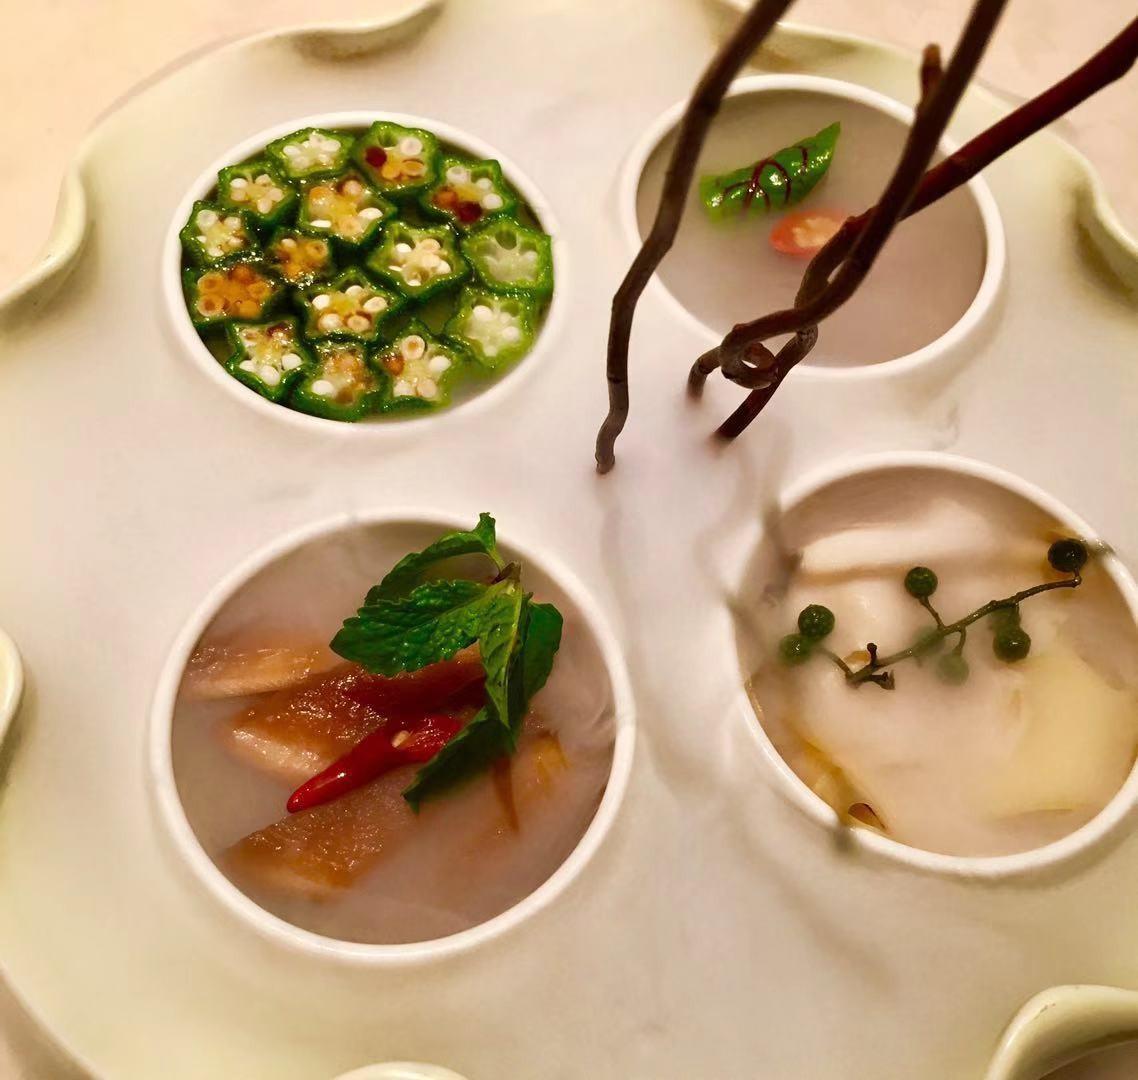 中国人的爱注定与厨房无法分离,北京挂炉烤鸭的美味却在厦门落定!